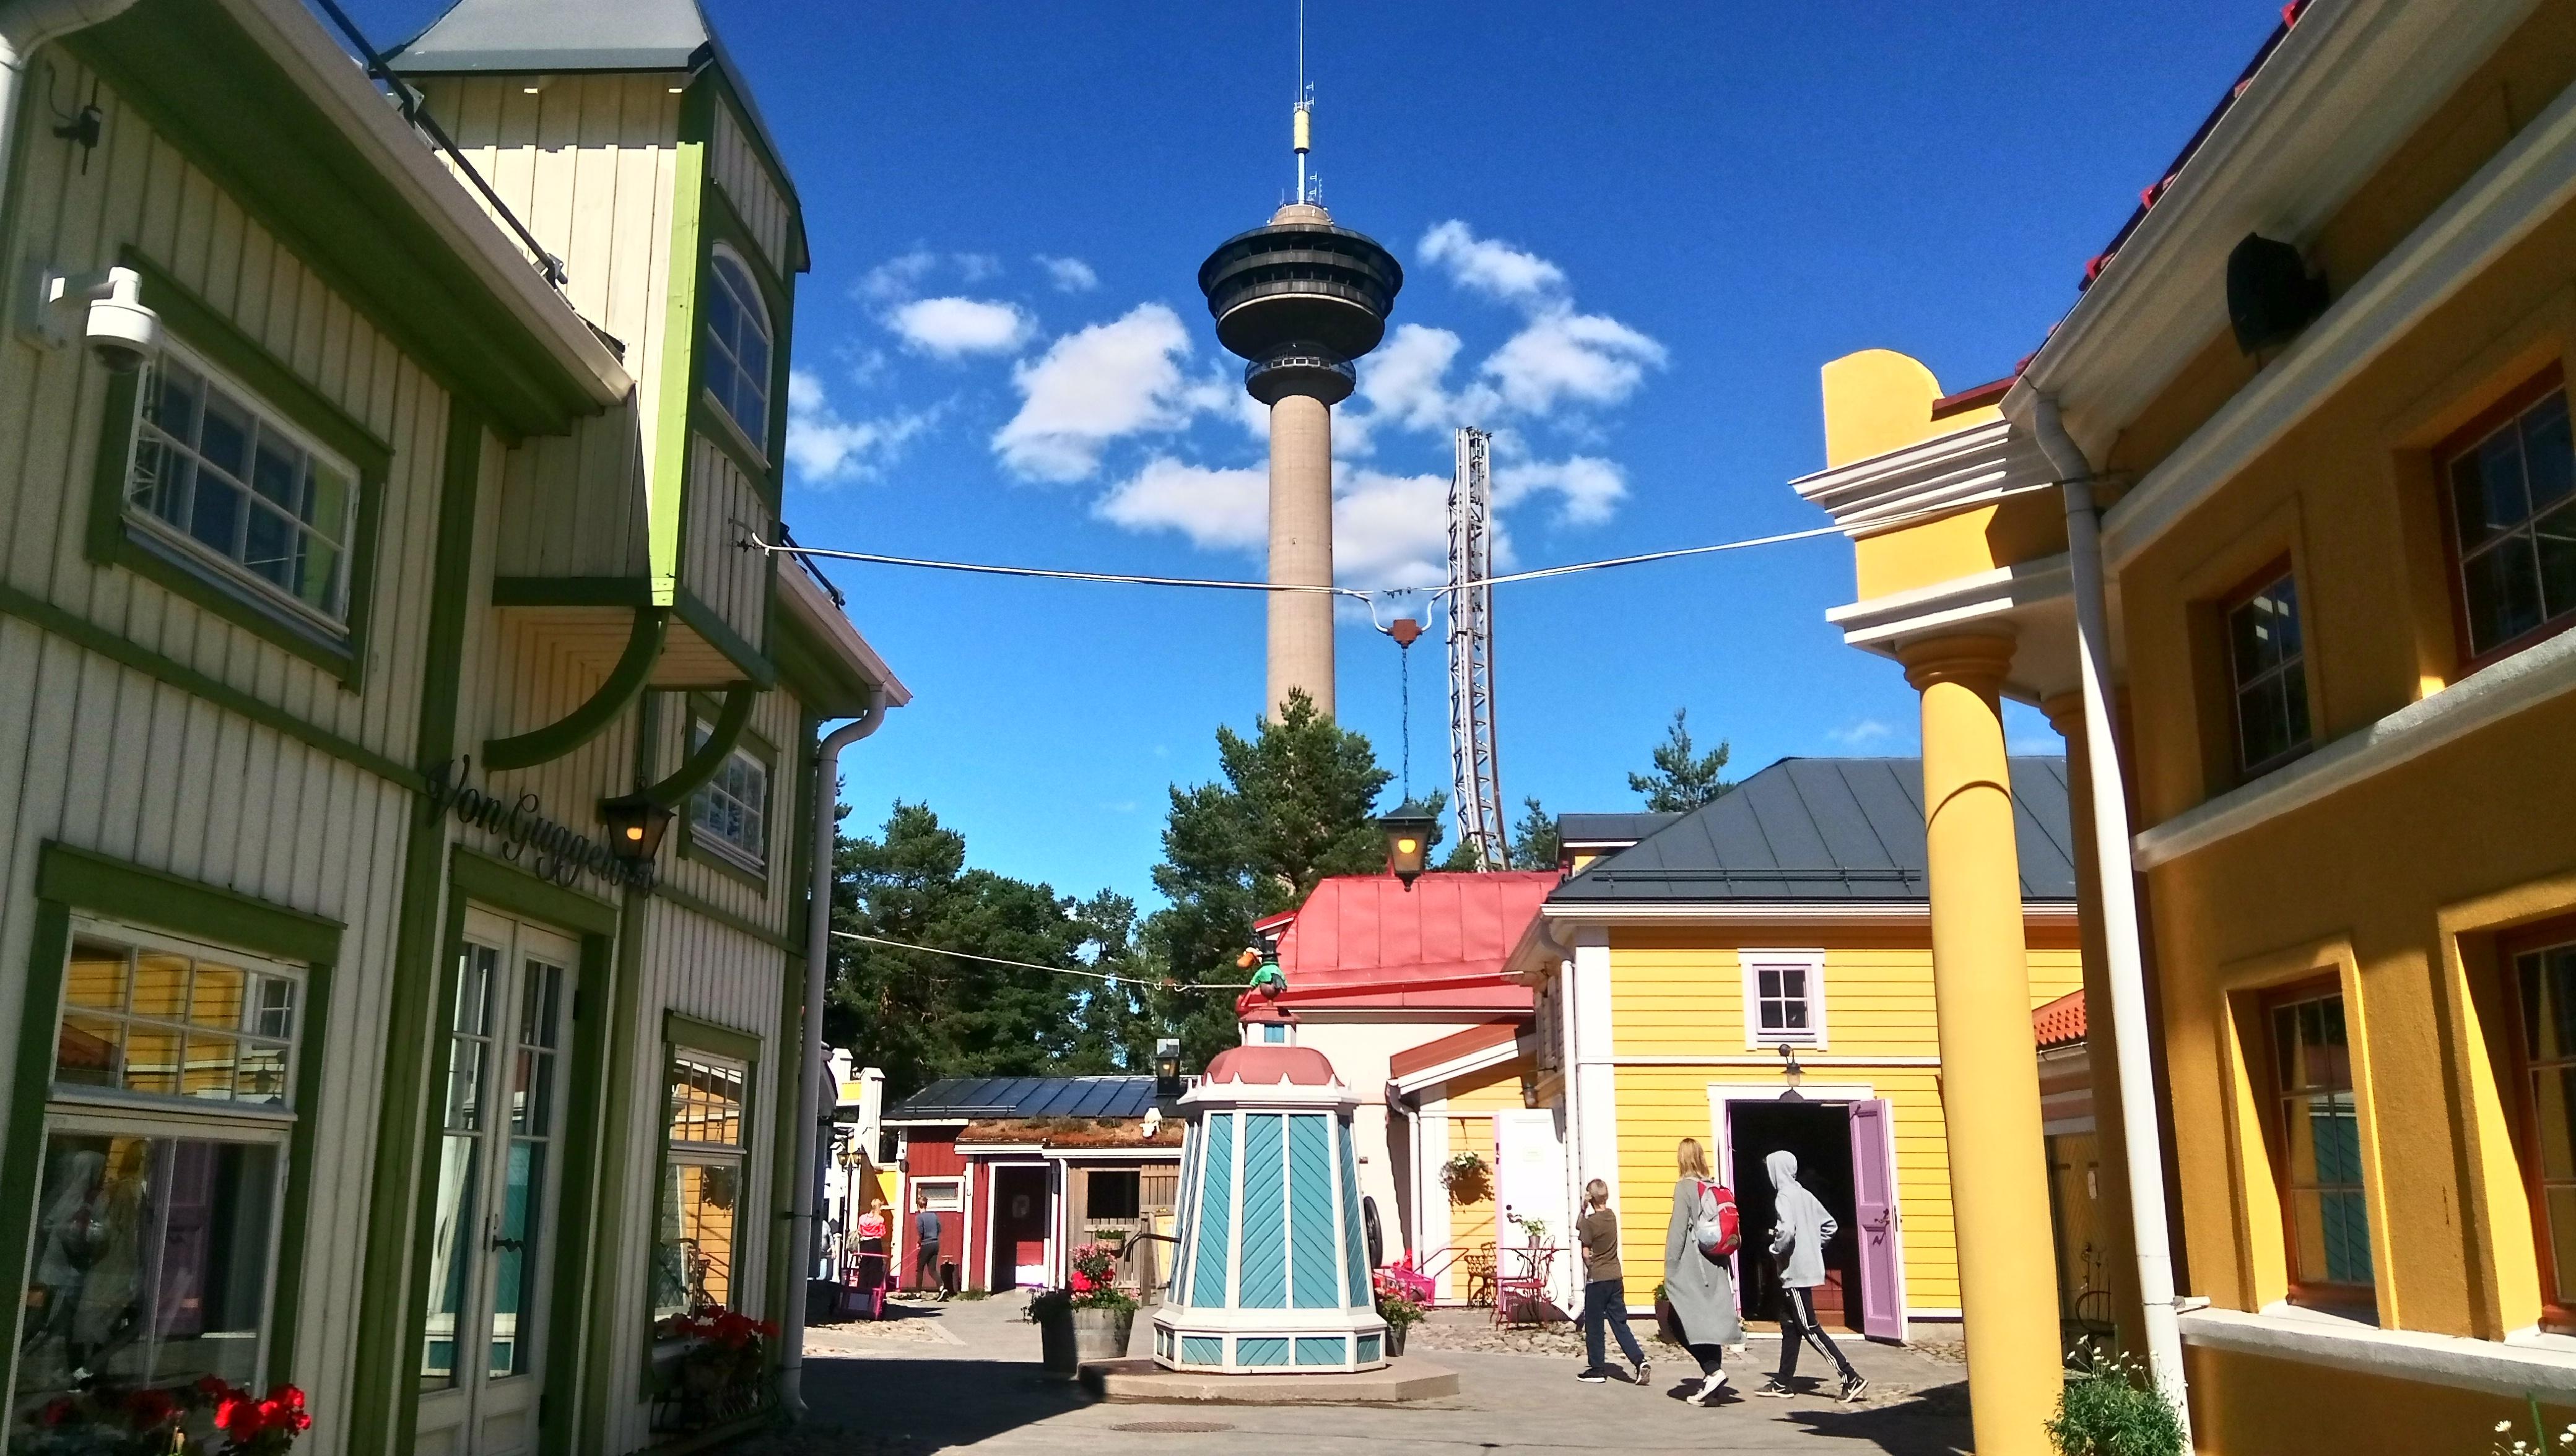 Парк развлечений Сяркянниеми, Койрамяки